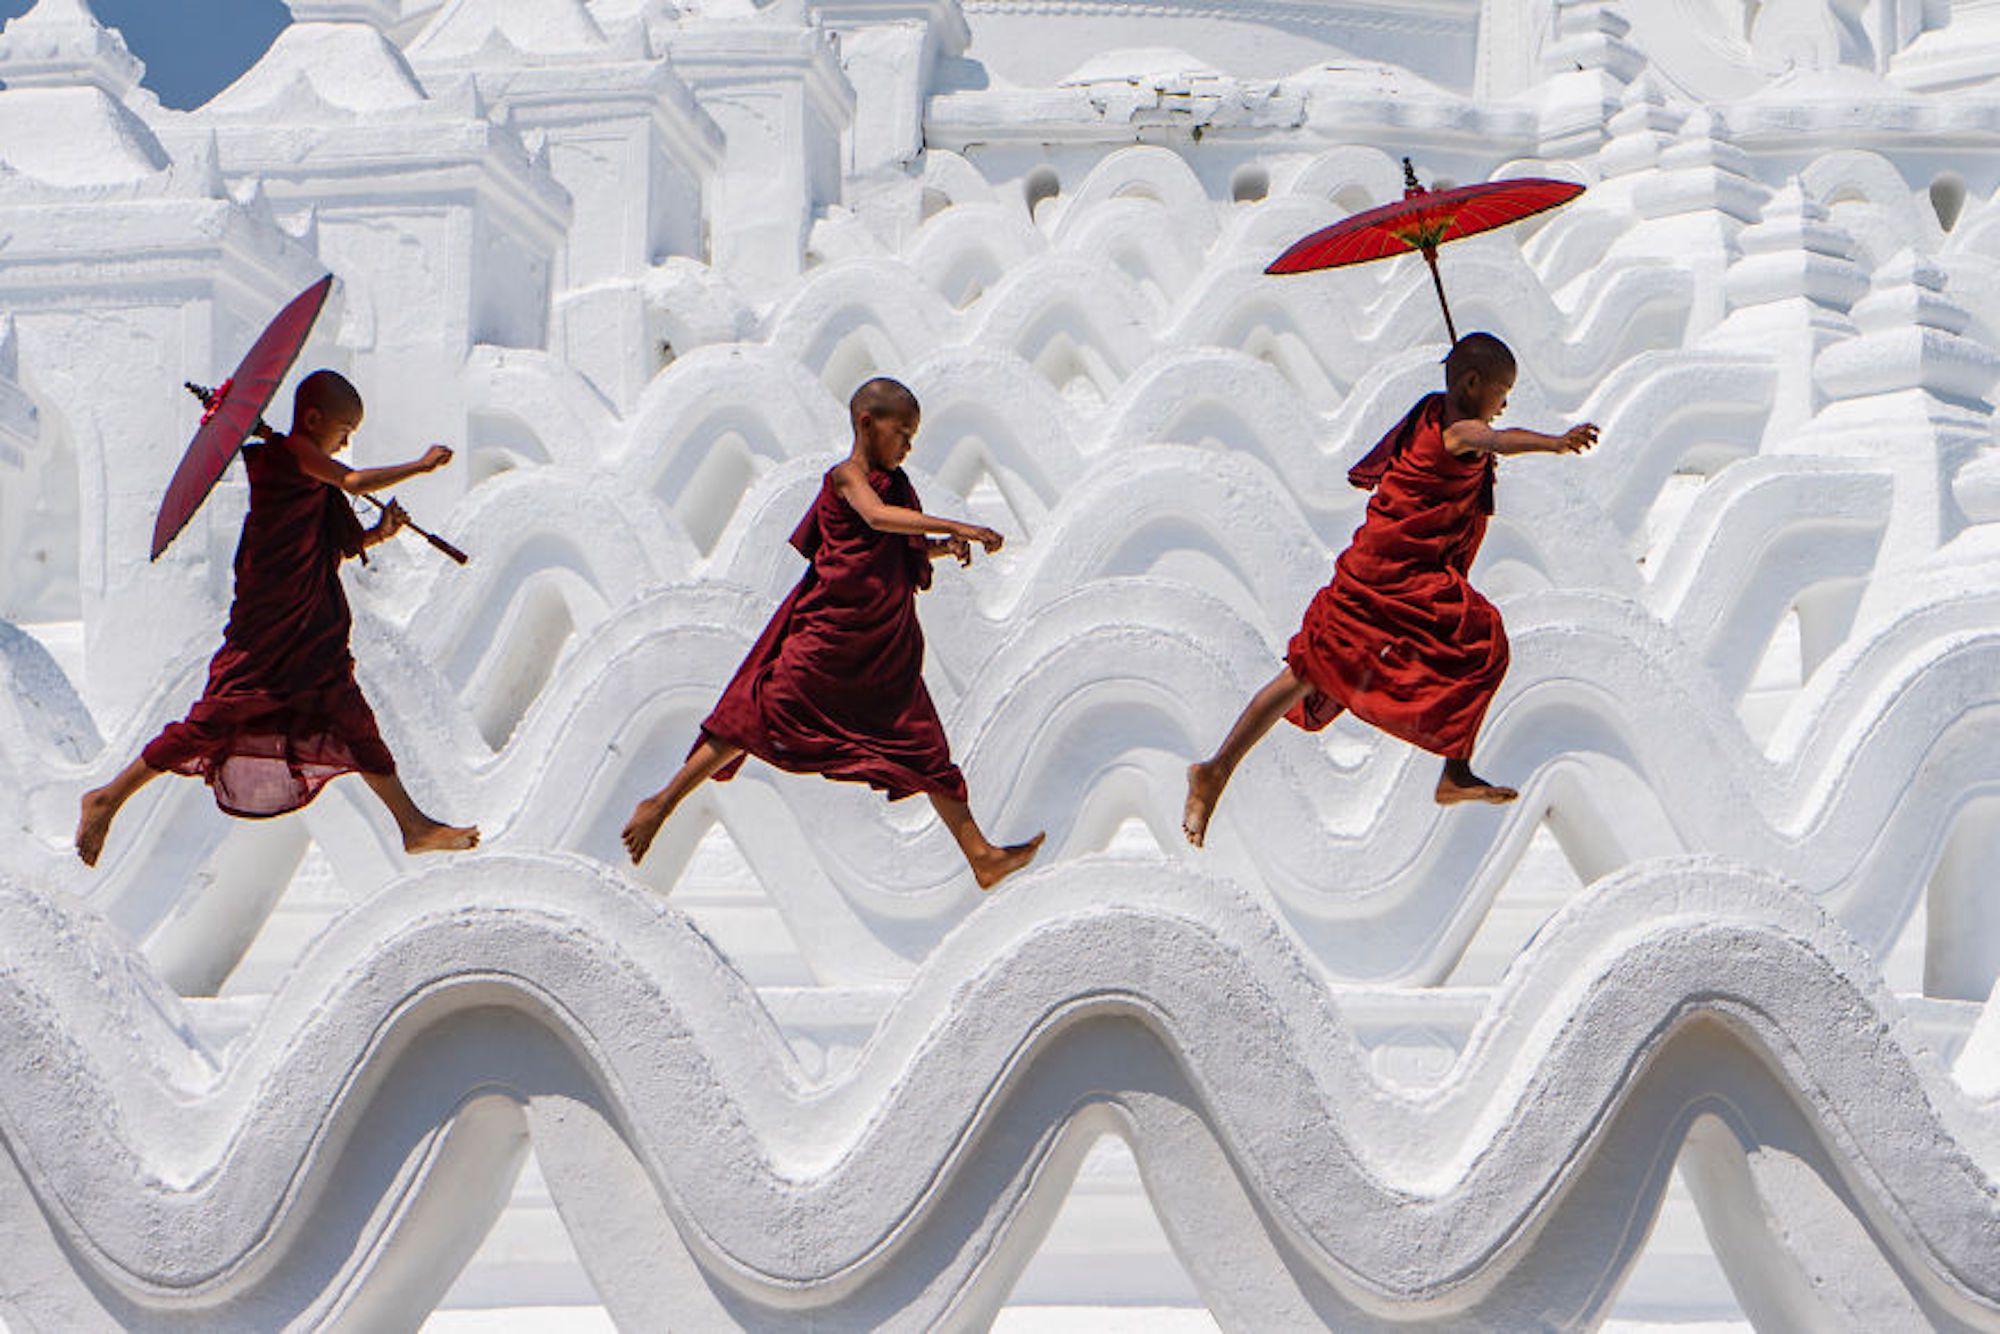 Jovens monges se divertindo no pagode Hsinbyume, em Mianmar